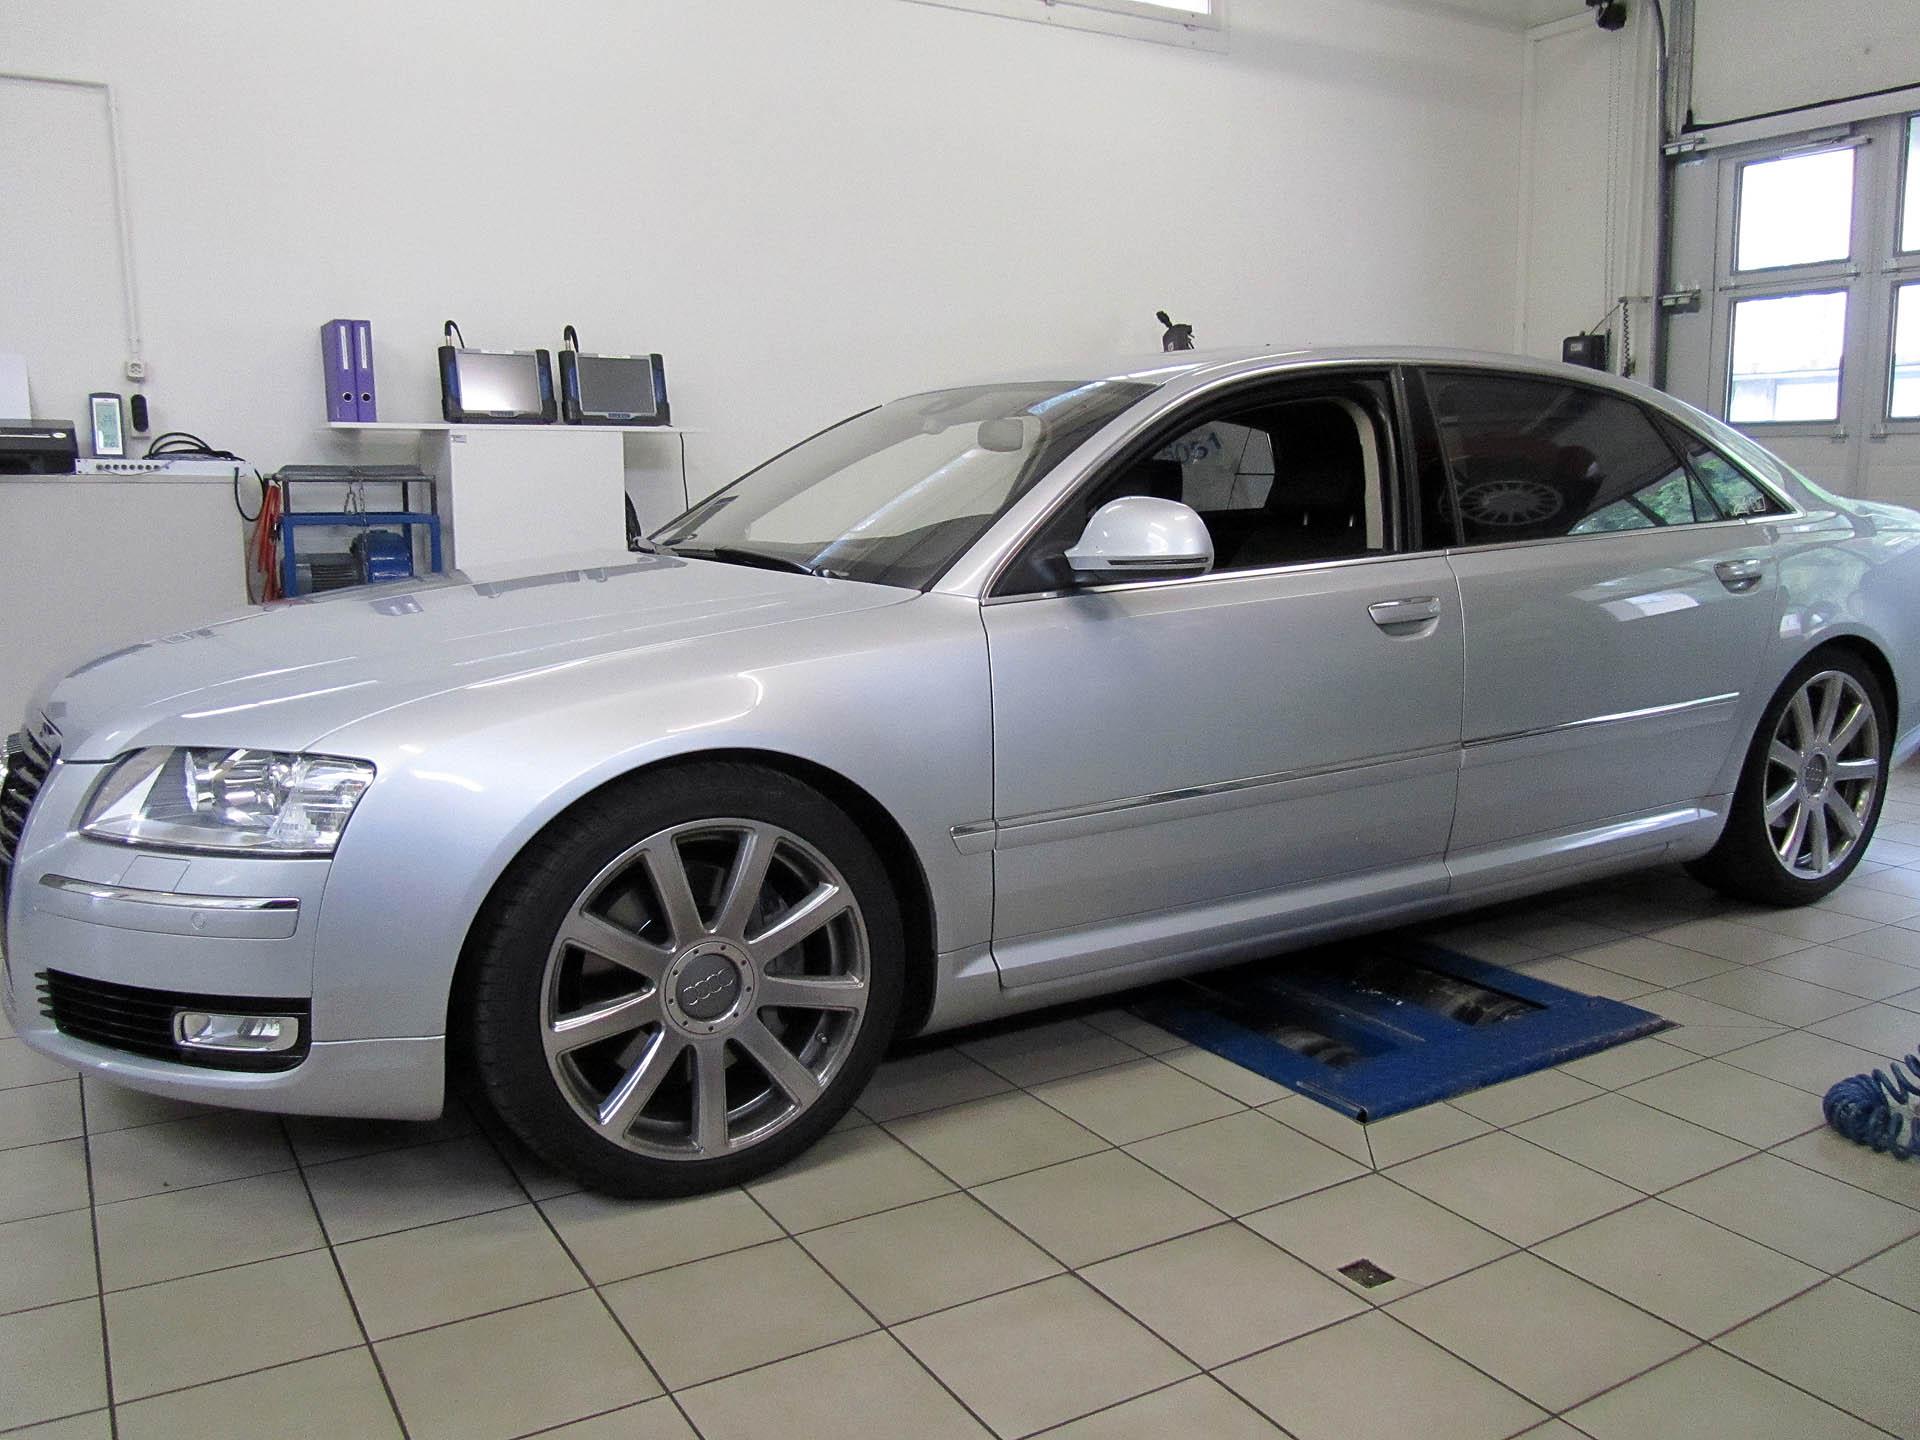 Audi A8 3.0lt TDI Quattro mit Elektronischer Fahrwerkstieferlegung Audi A8 limousine lange version, elektronische Tieferlegung